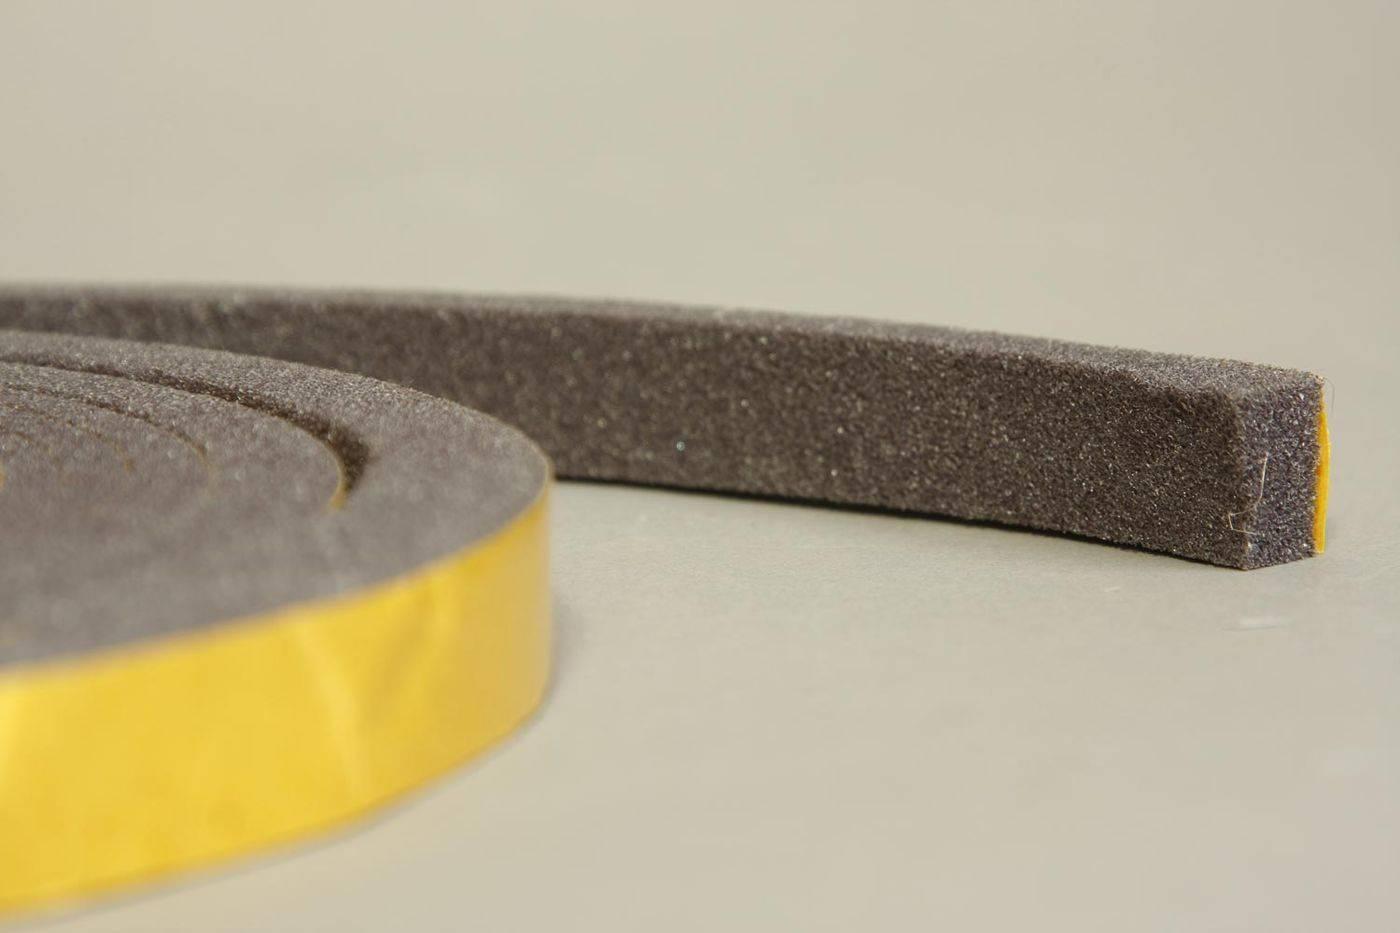 Звукоизоляционная дверь: межкомнатные шумоизоляционные модели, способы звукоизоляции и шумоизоляции полотен в квартире, звукоизолирующие материалы для двери